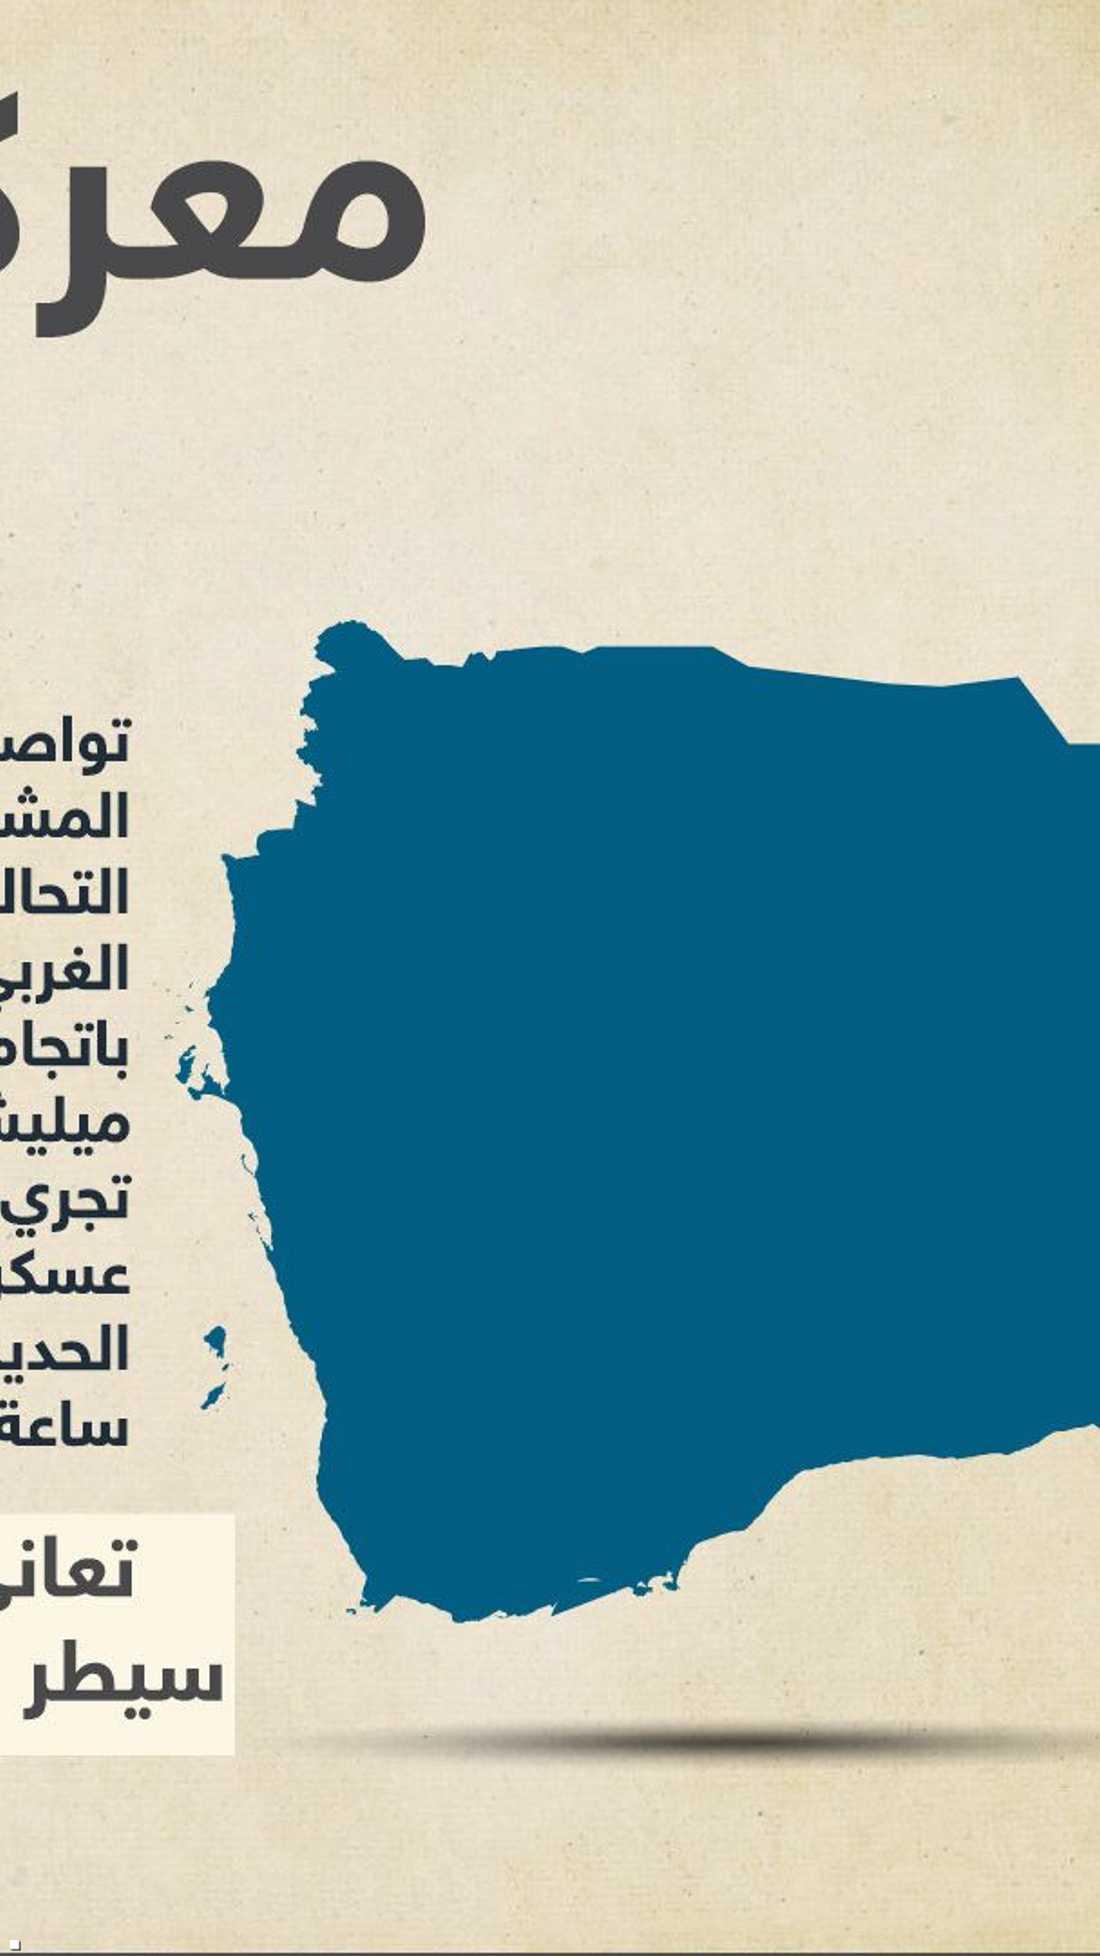 يتسارع تقدم قوات المقاومة اليمنية في الحديدة